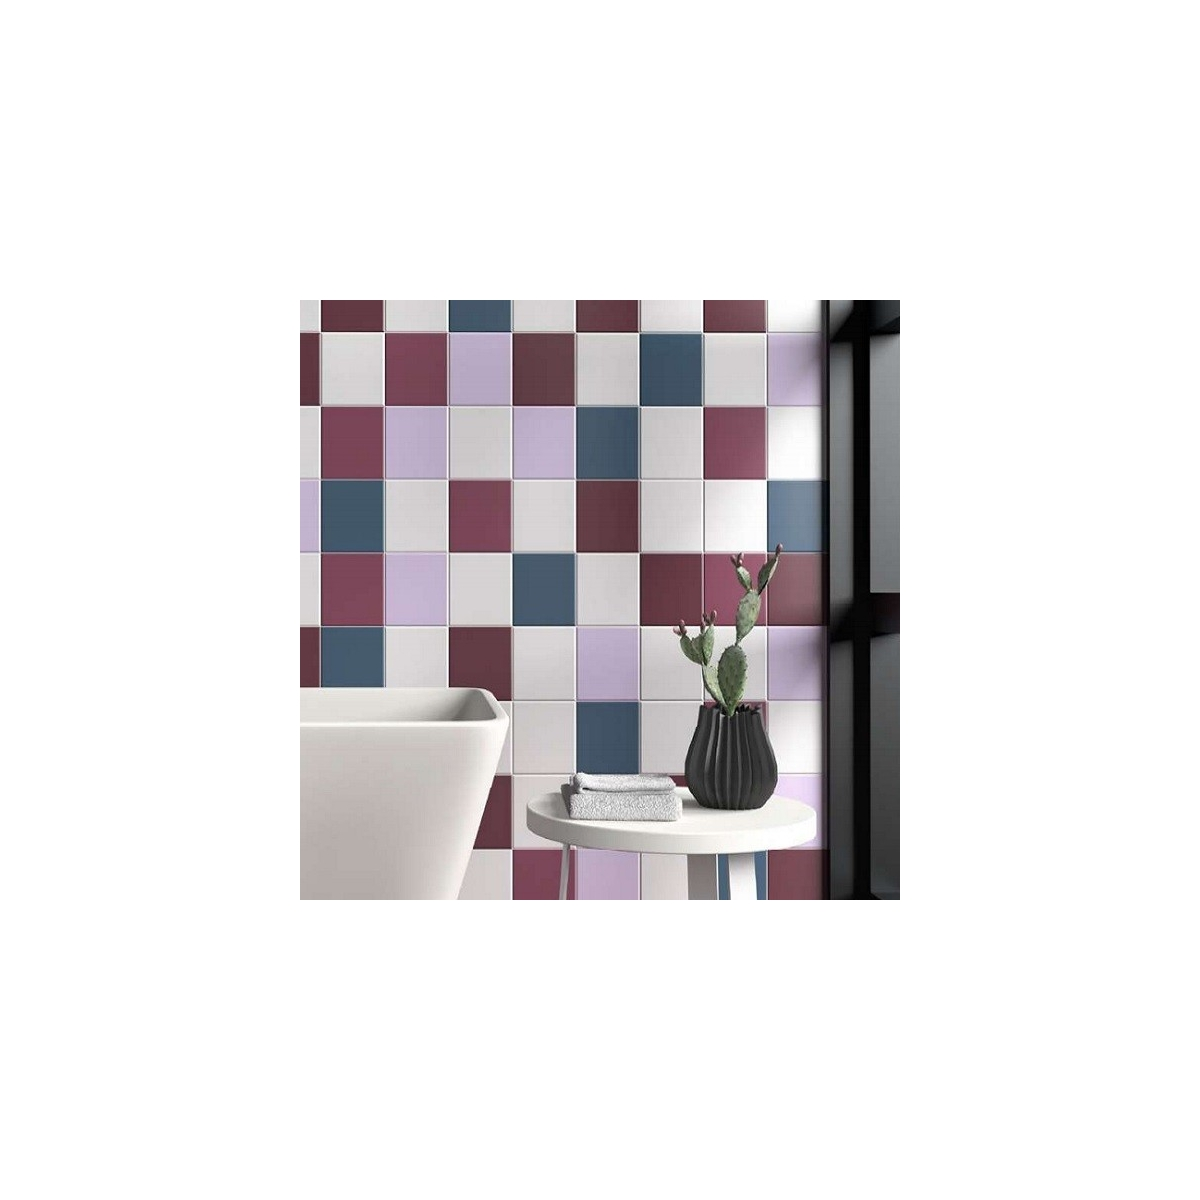 Suelo y azulejos Rainbow Amatista (m2) imitación a hidráulico económico